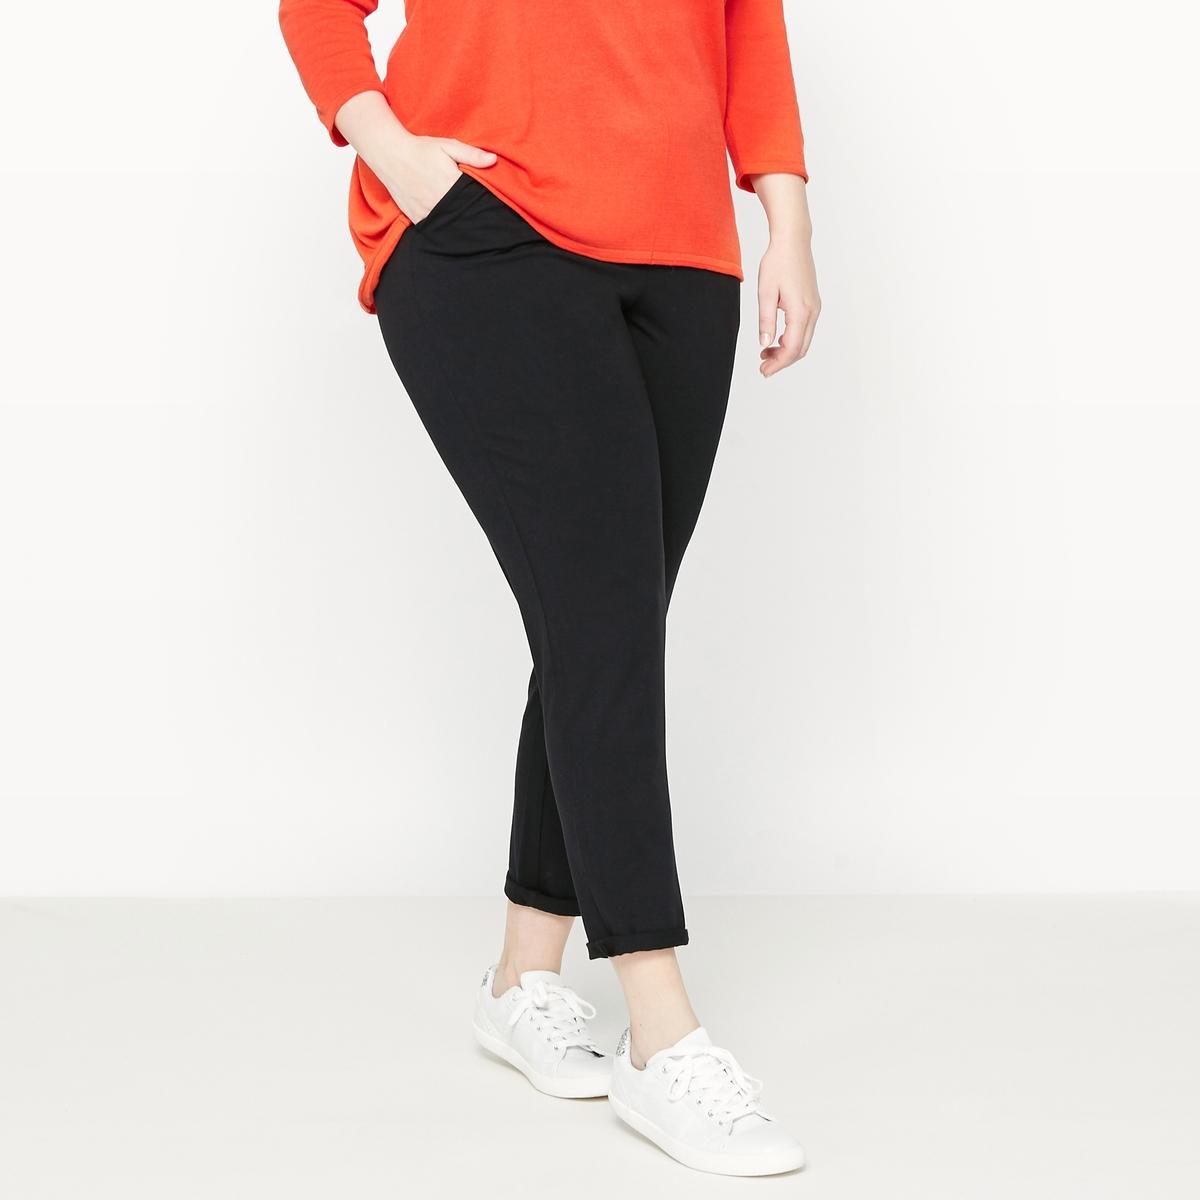 Брюки спортивные струящиеся из джерсиБрюки. Спортивные брюки из струящегося материала приятные на ощупь и очень удобные! 2 кармана по бокам. Пояс на резинке даёт свободу движениям . Брючины заужены книзу. Однотонный чёрный джерси: 95% вискозы, 5% эластана. Длина по внутр.шву 72 см.<br><br>Цвет: красно-коричневый,темно-синий,черный<br>Размер: 42 (FR) - 48 (RUS).42 (FR) - 48 (RUS).58 (FR) - 64 (RUS).54 (FR) - 60 (RUS).52 (FR) - 58 (RUS)